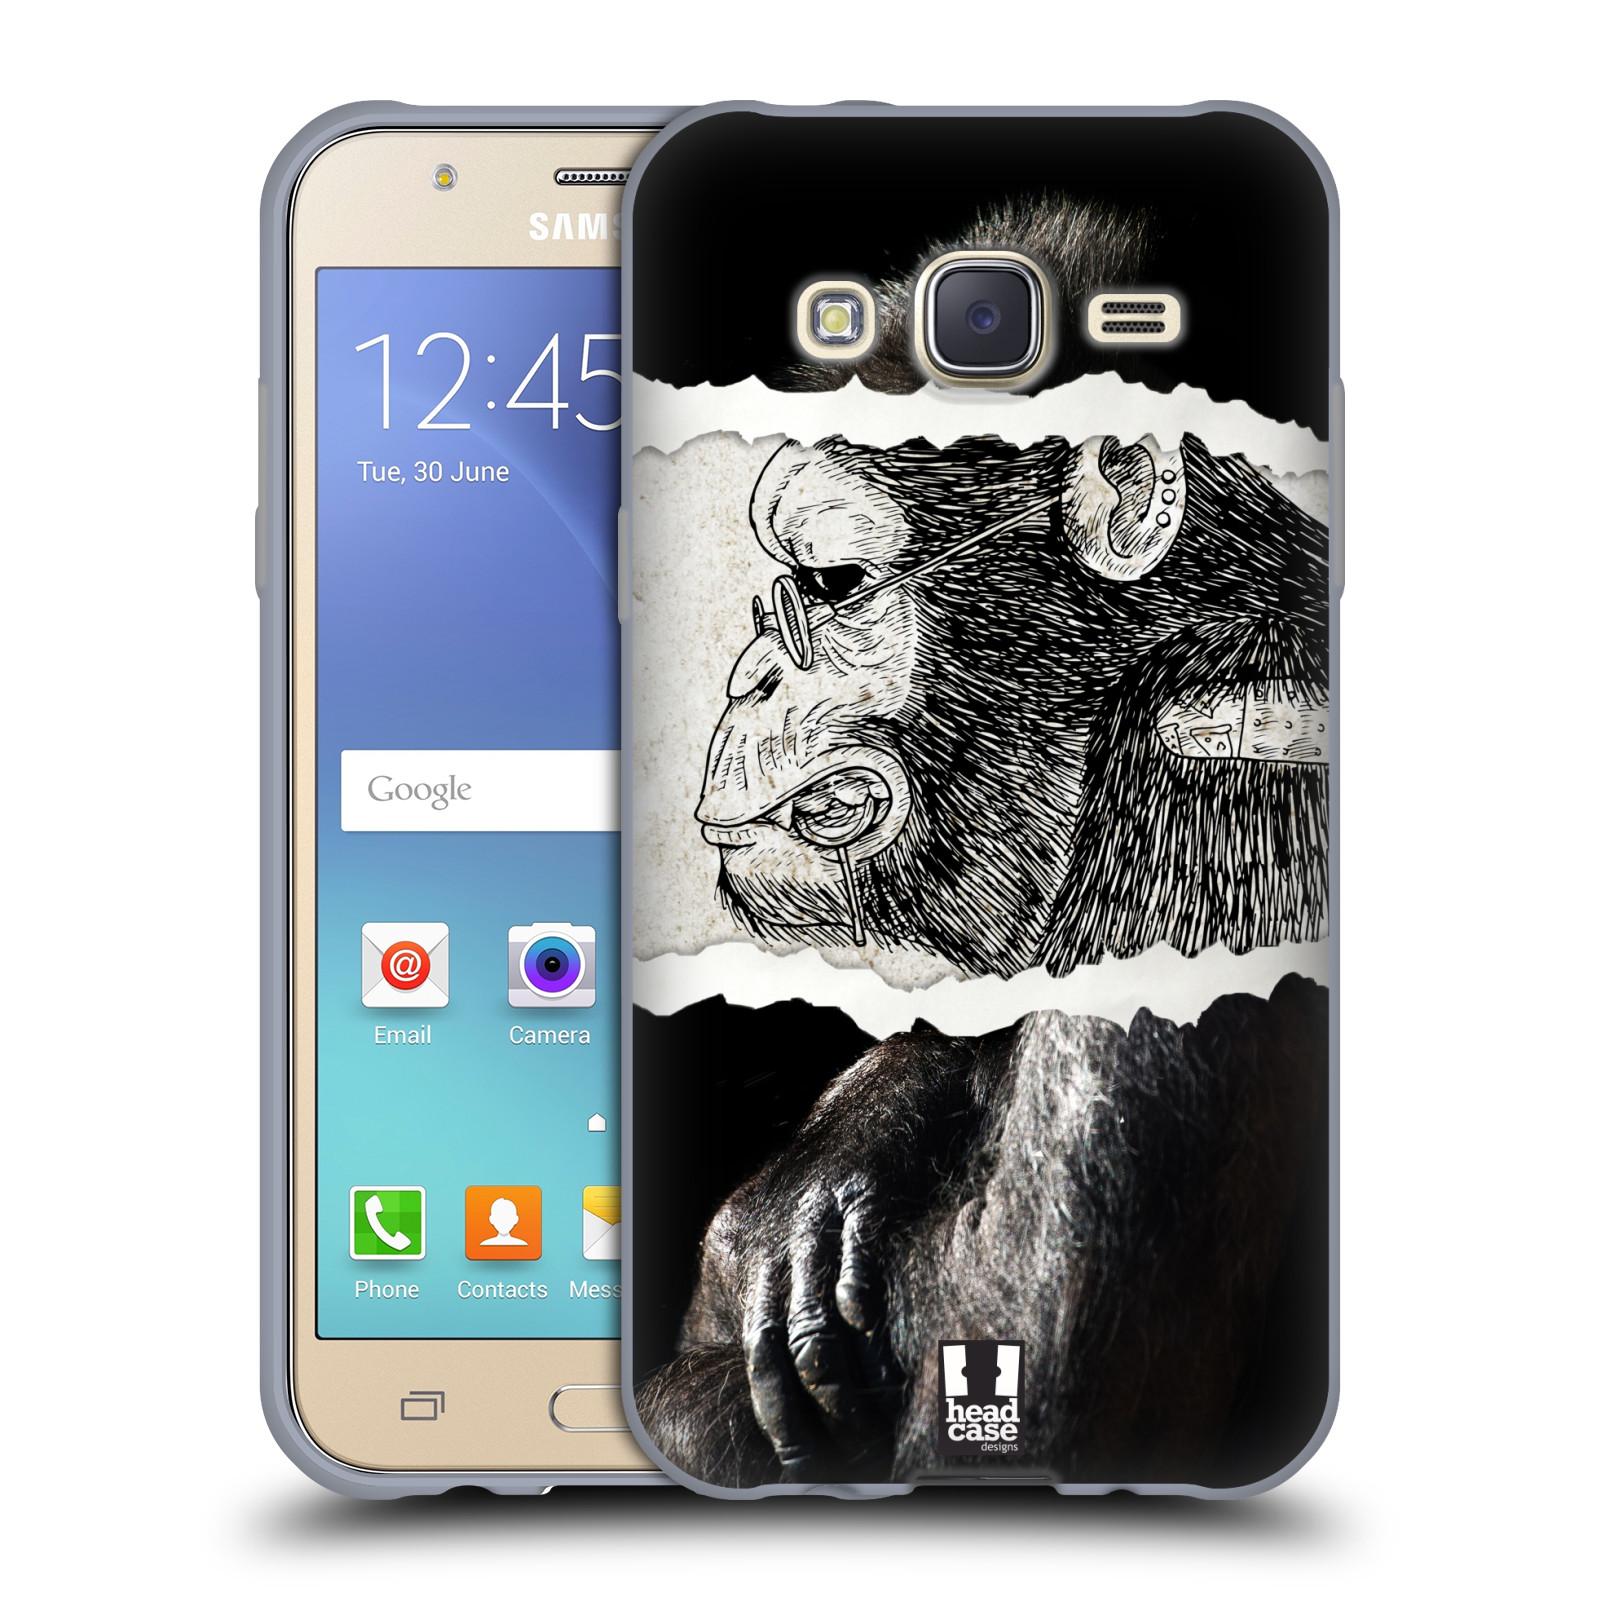 HEAD CASE silikonový obal na mobil Samsung Galaxy J5, J500, (J5 DUOS) vzor zvířata koláž opice